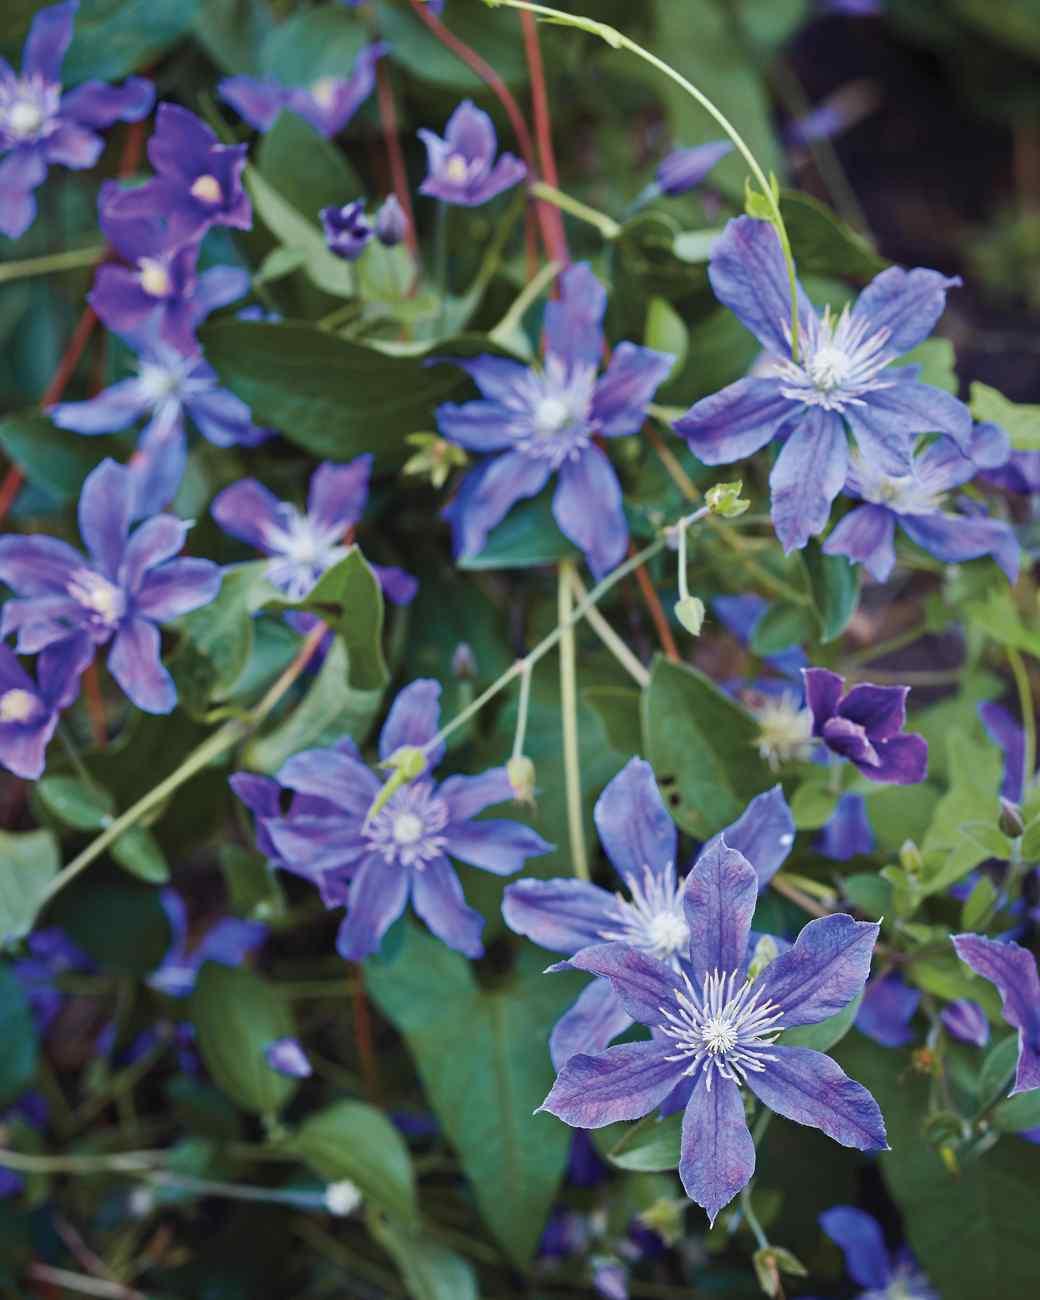 meadowburn-sakonnet-garden-rhode-island-086-d112361-0216.jpg